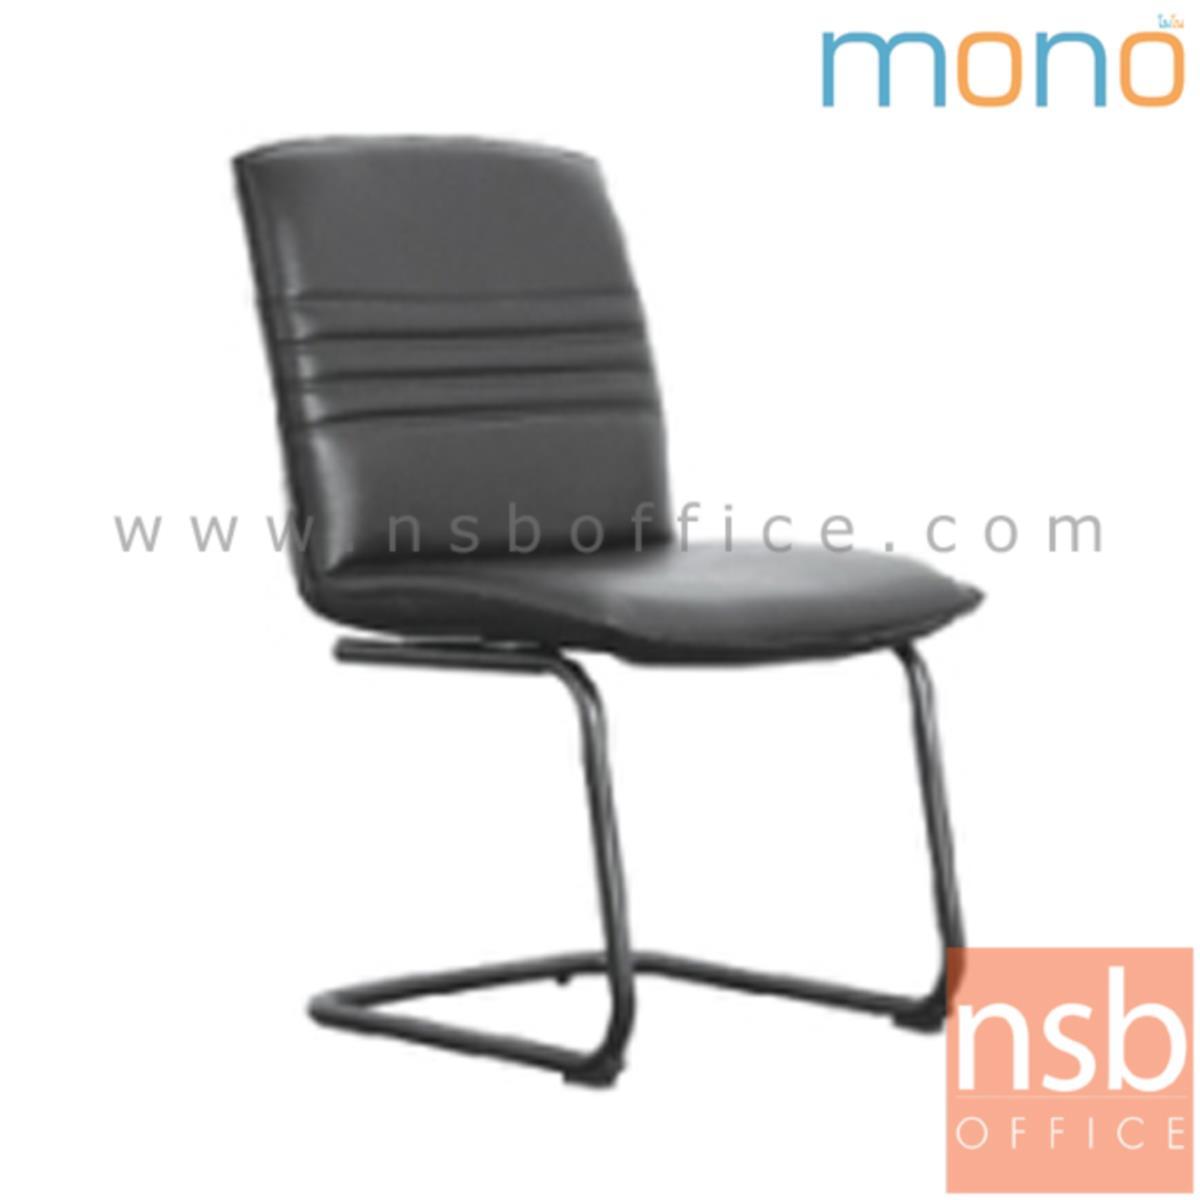 เก้าอี้รับแขกขาตัวซี รุ่น Sunflower (ซันฟลาวเวอร์)  ไม่มีท้าวแขน ขาเหล็กพ่นดำ